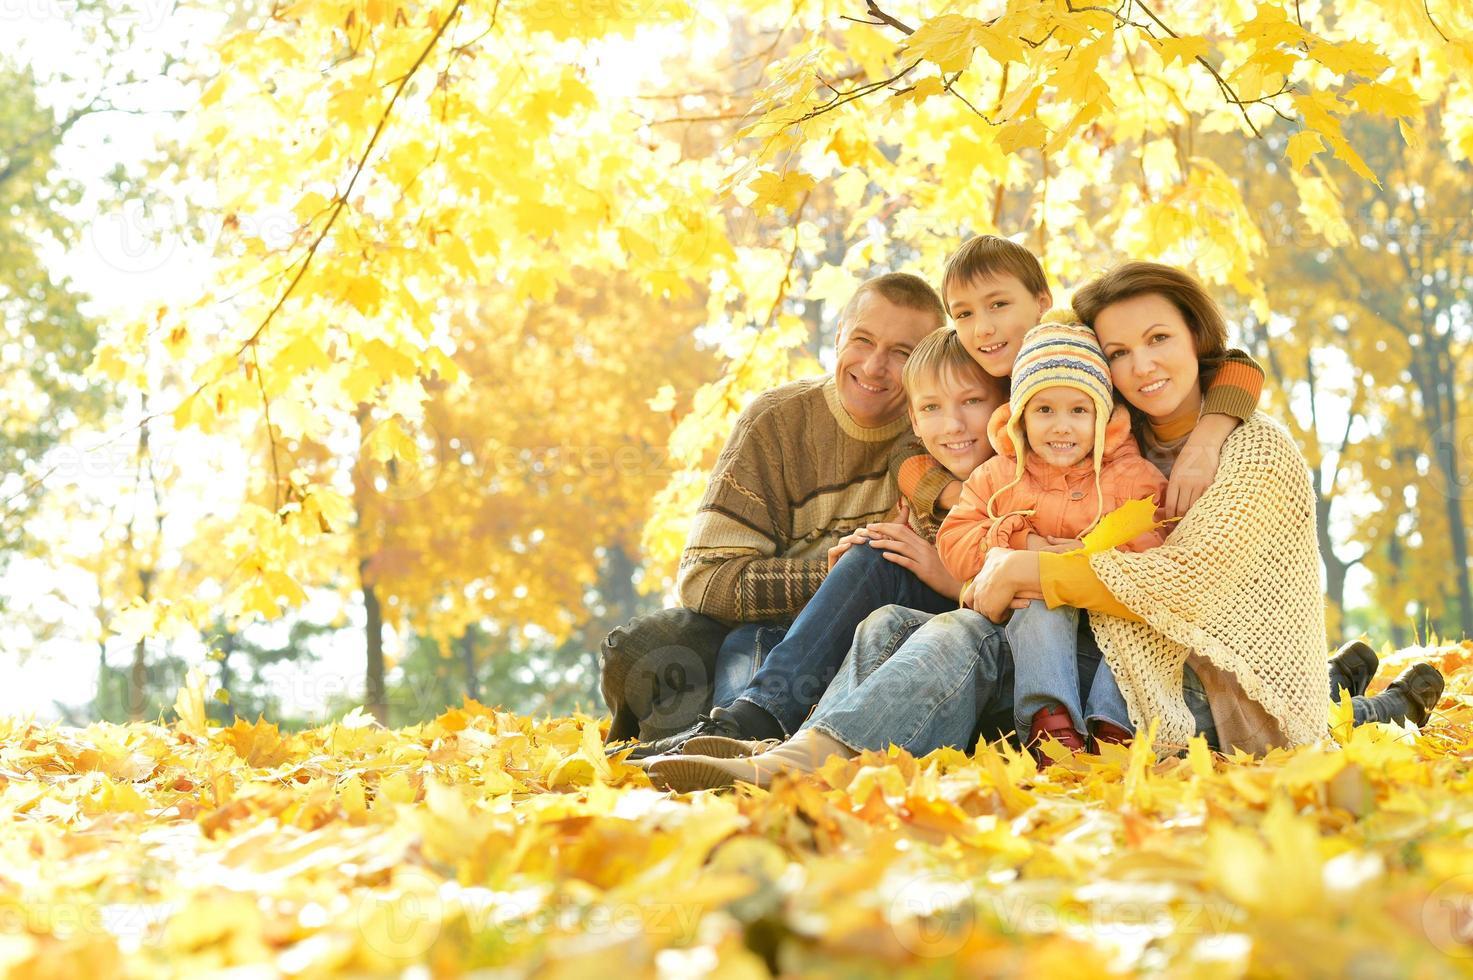 glückliche Familie im Herbstwald foto